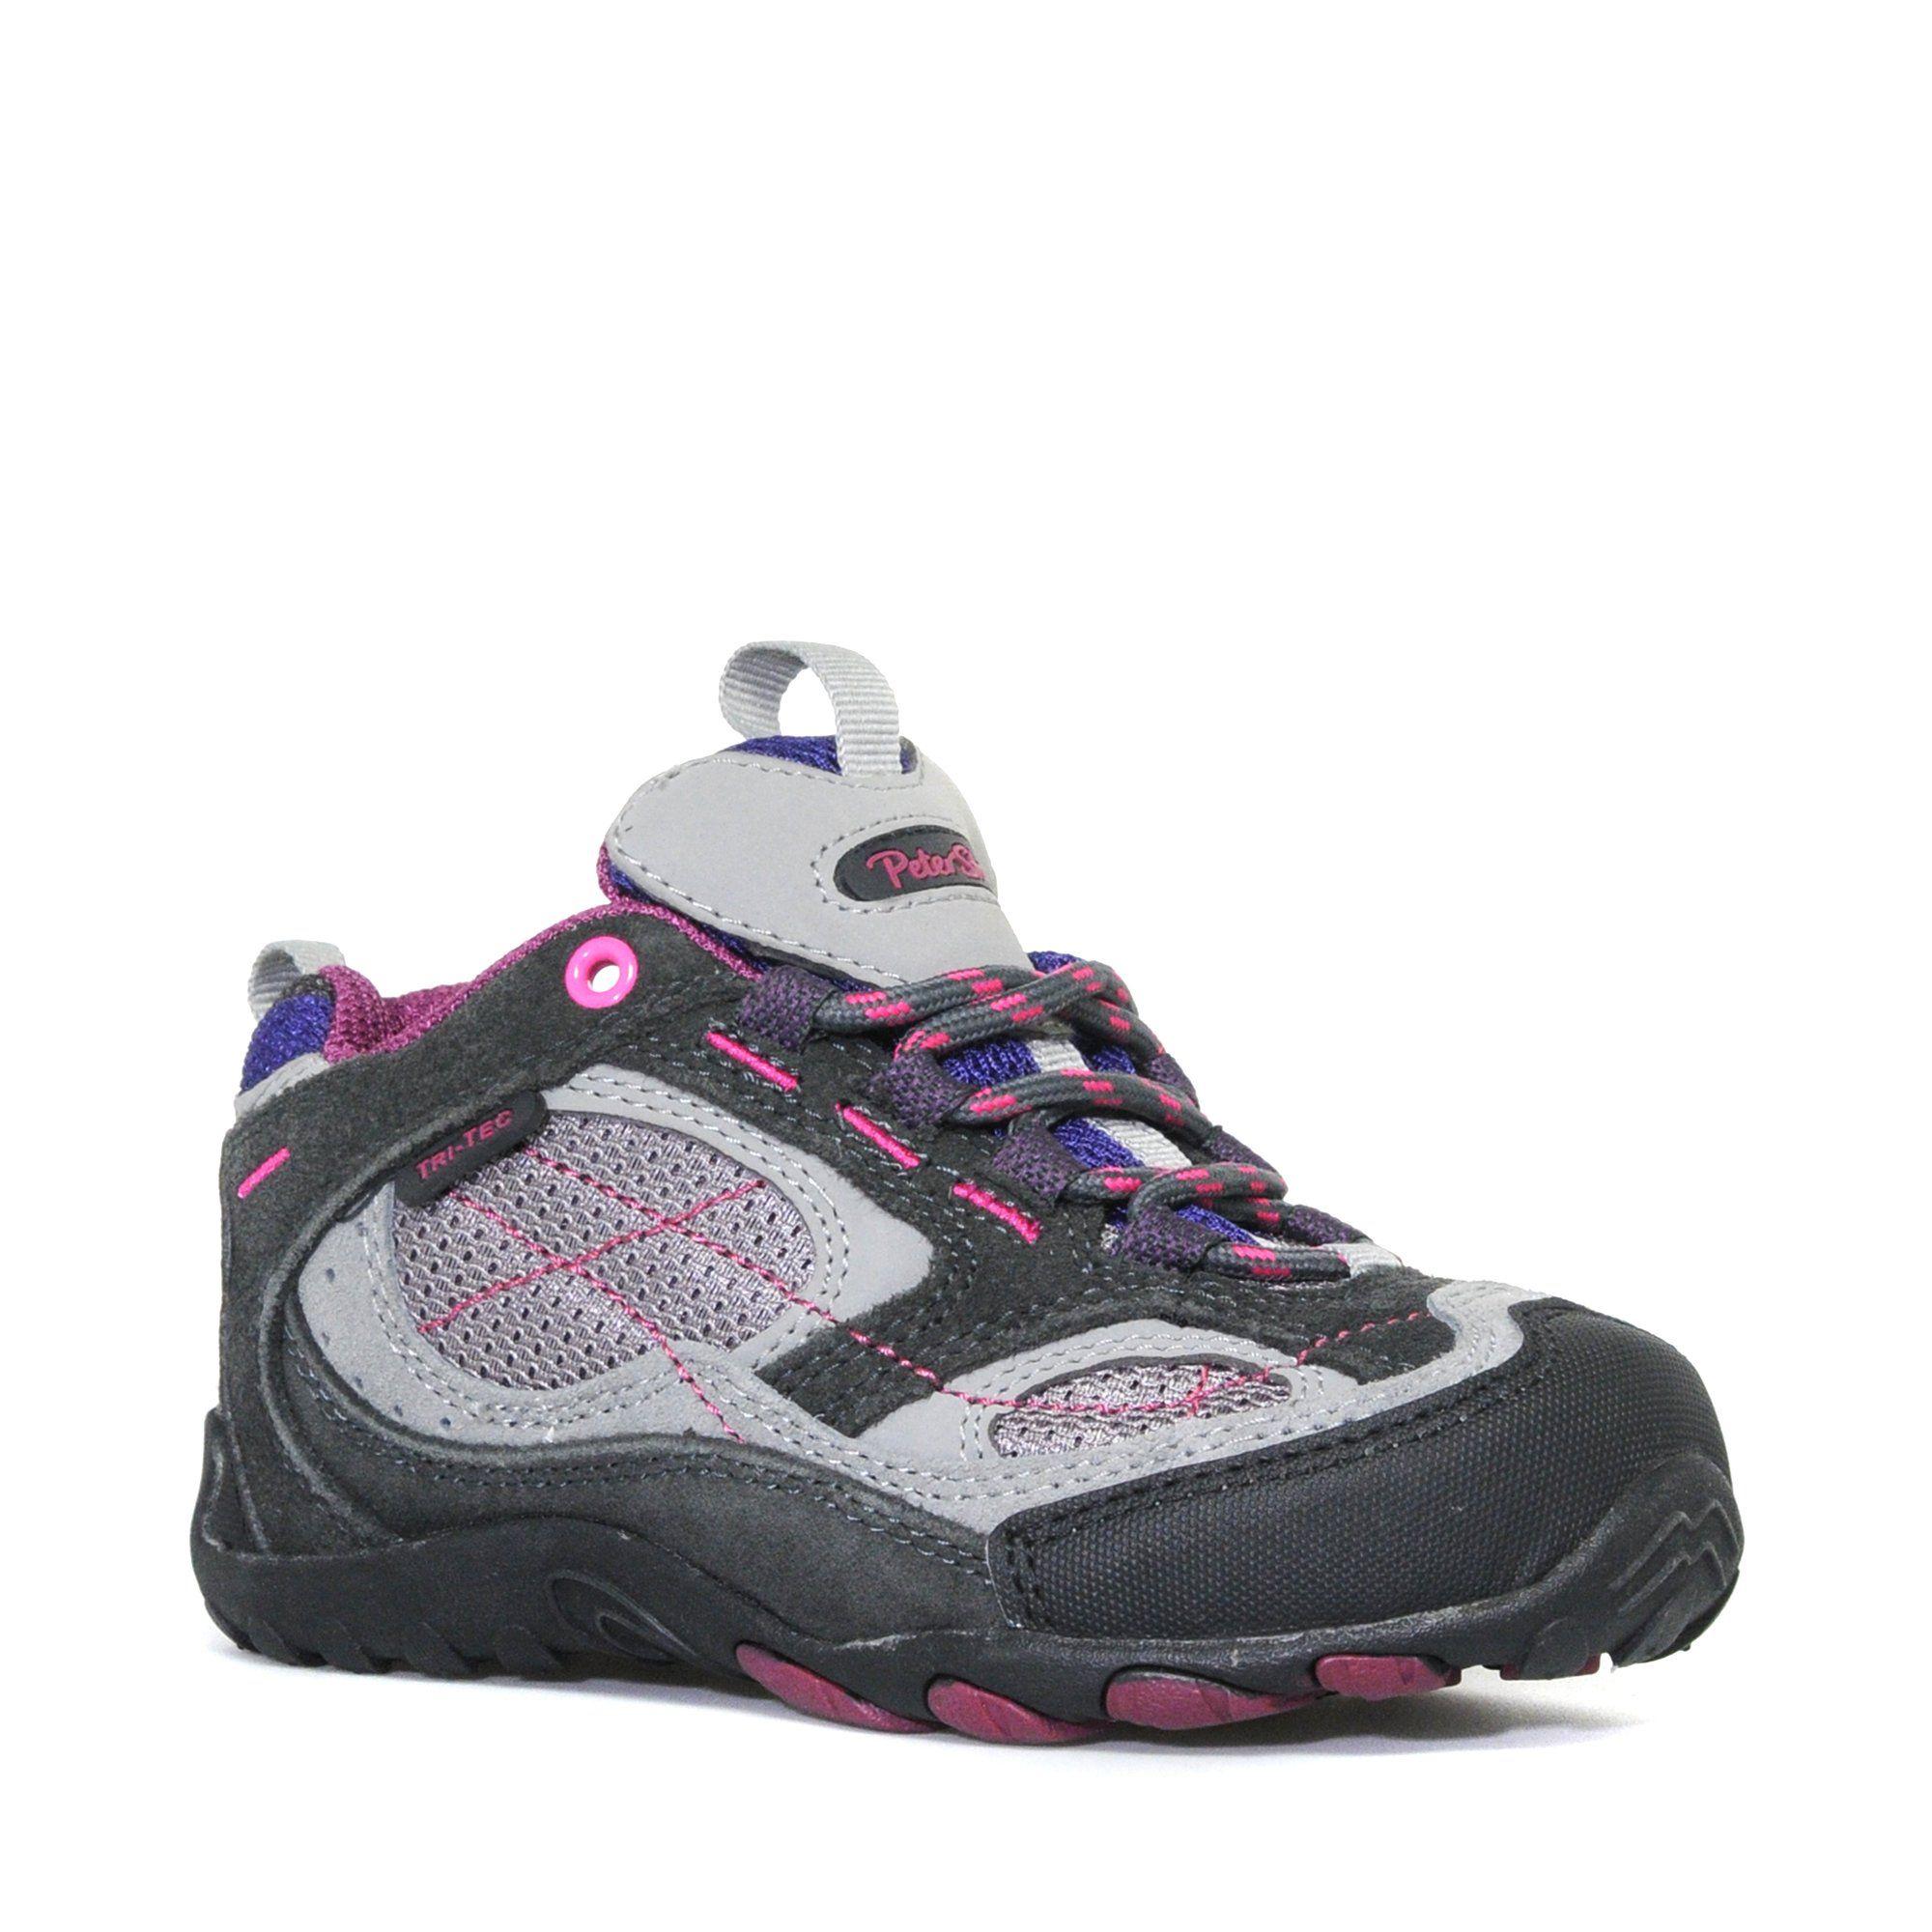 PETER STORM Girls' Merthyr Low Waterproof Hiking Shoe